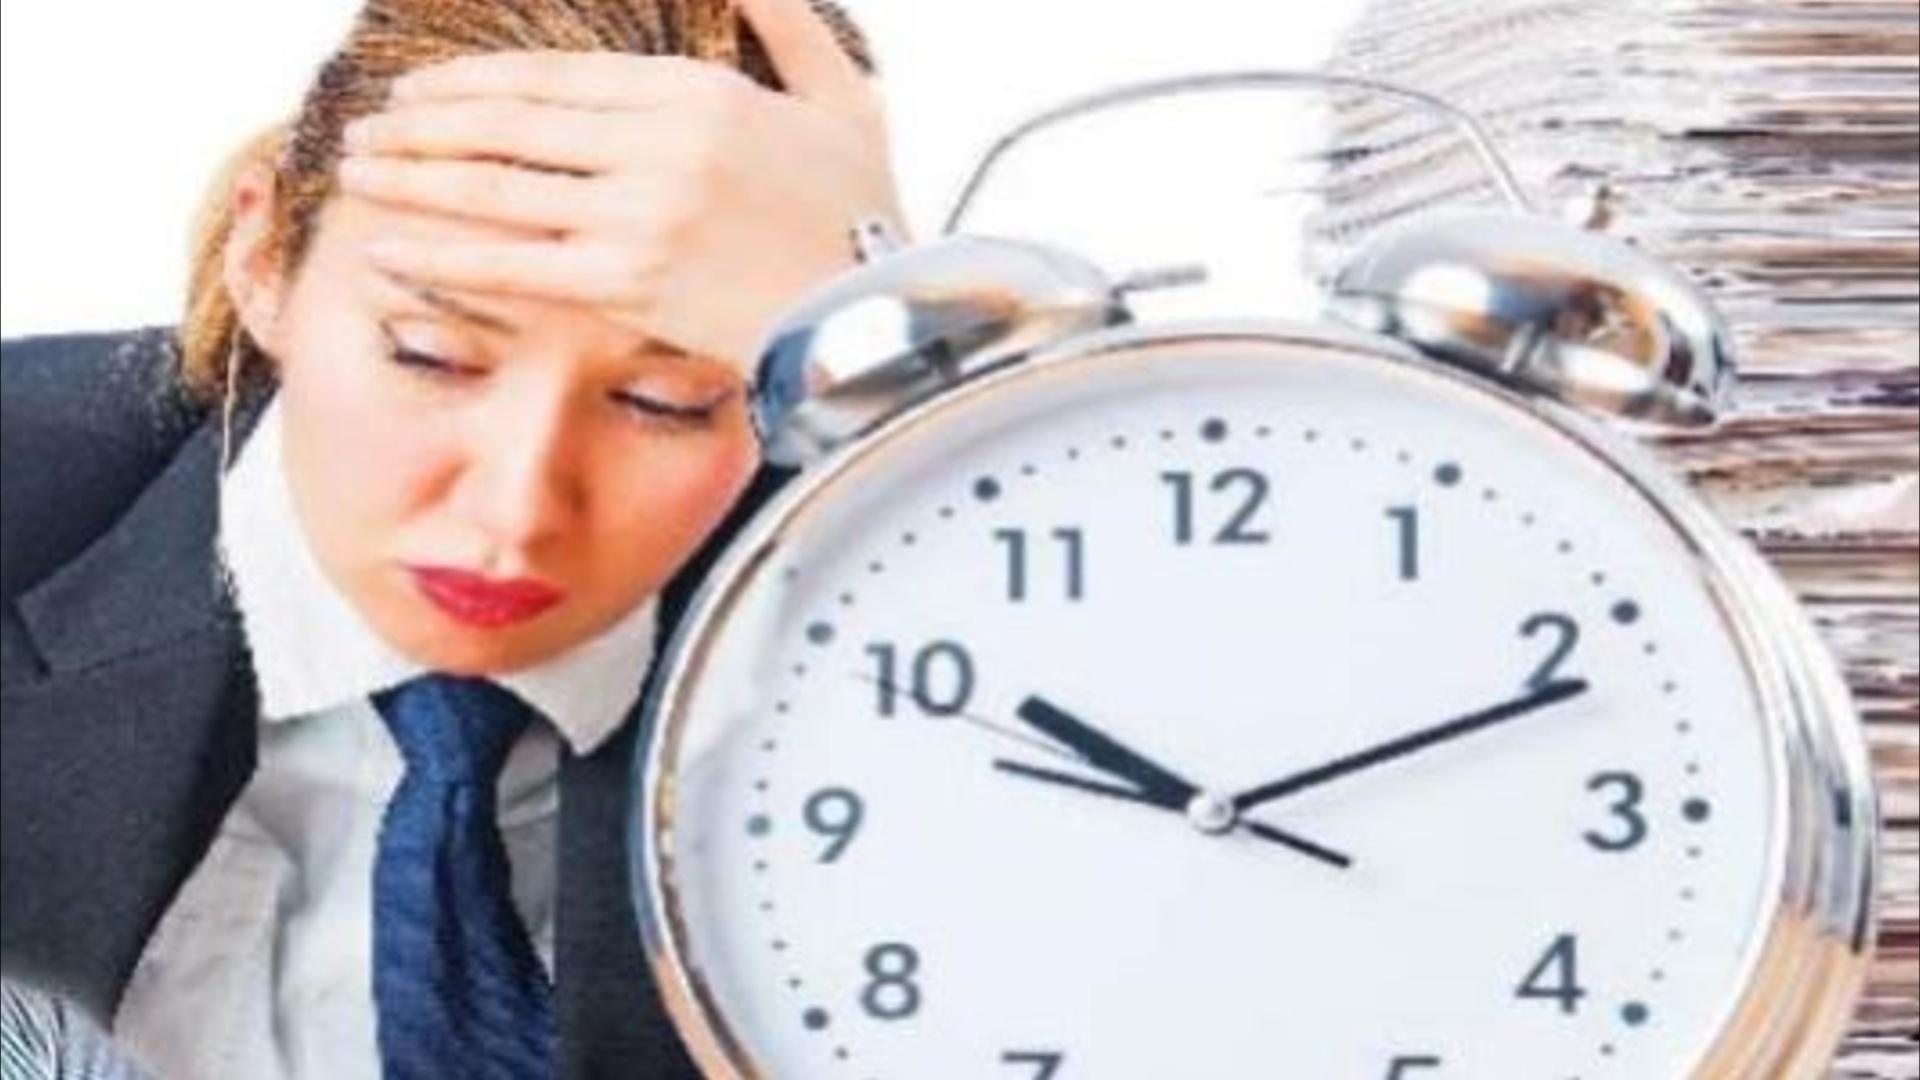 Alimlər qadınların iş saatının azaldılmasını təklif edir